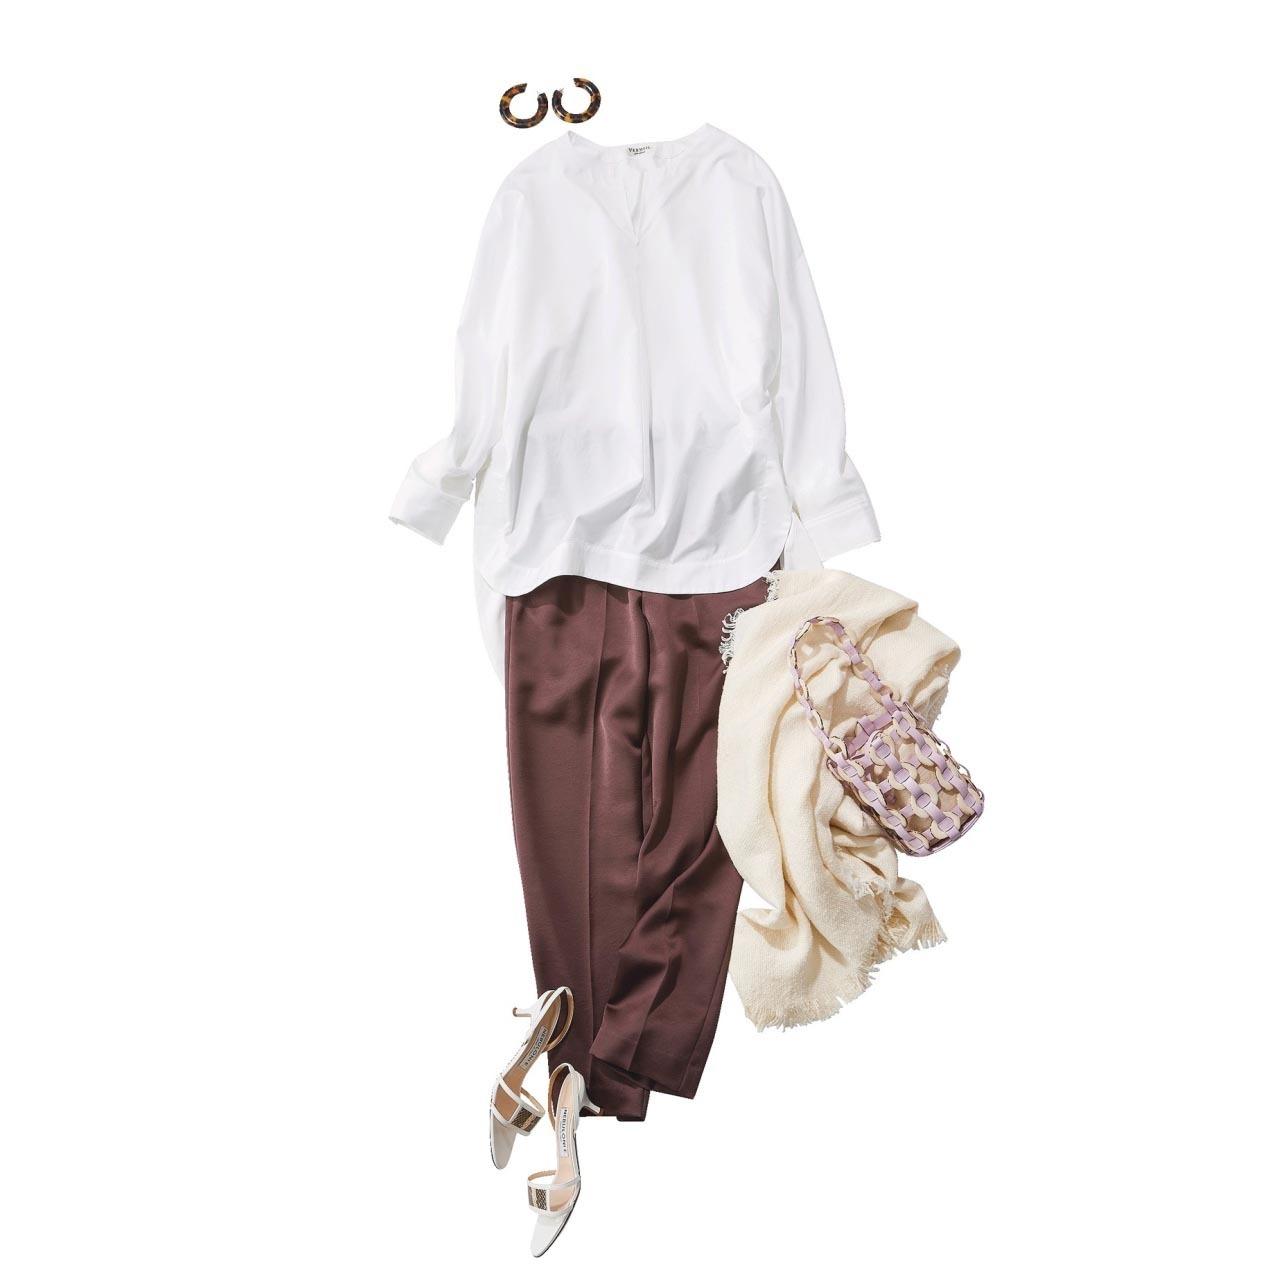 ■白のプルオーバーシャツ×ブラウンのツヤパンツコーデ